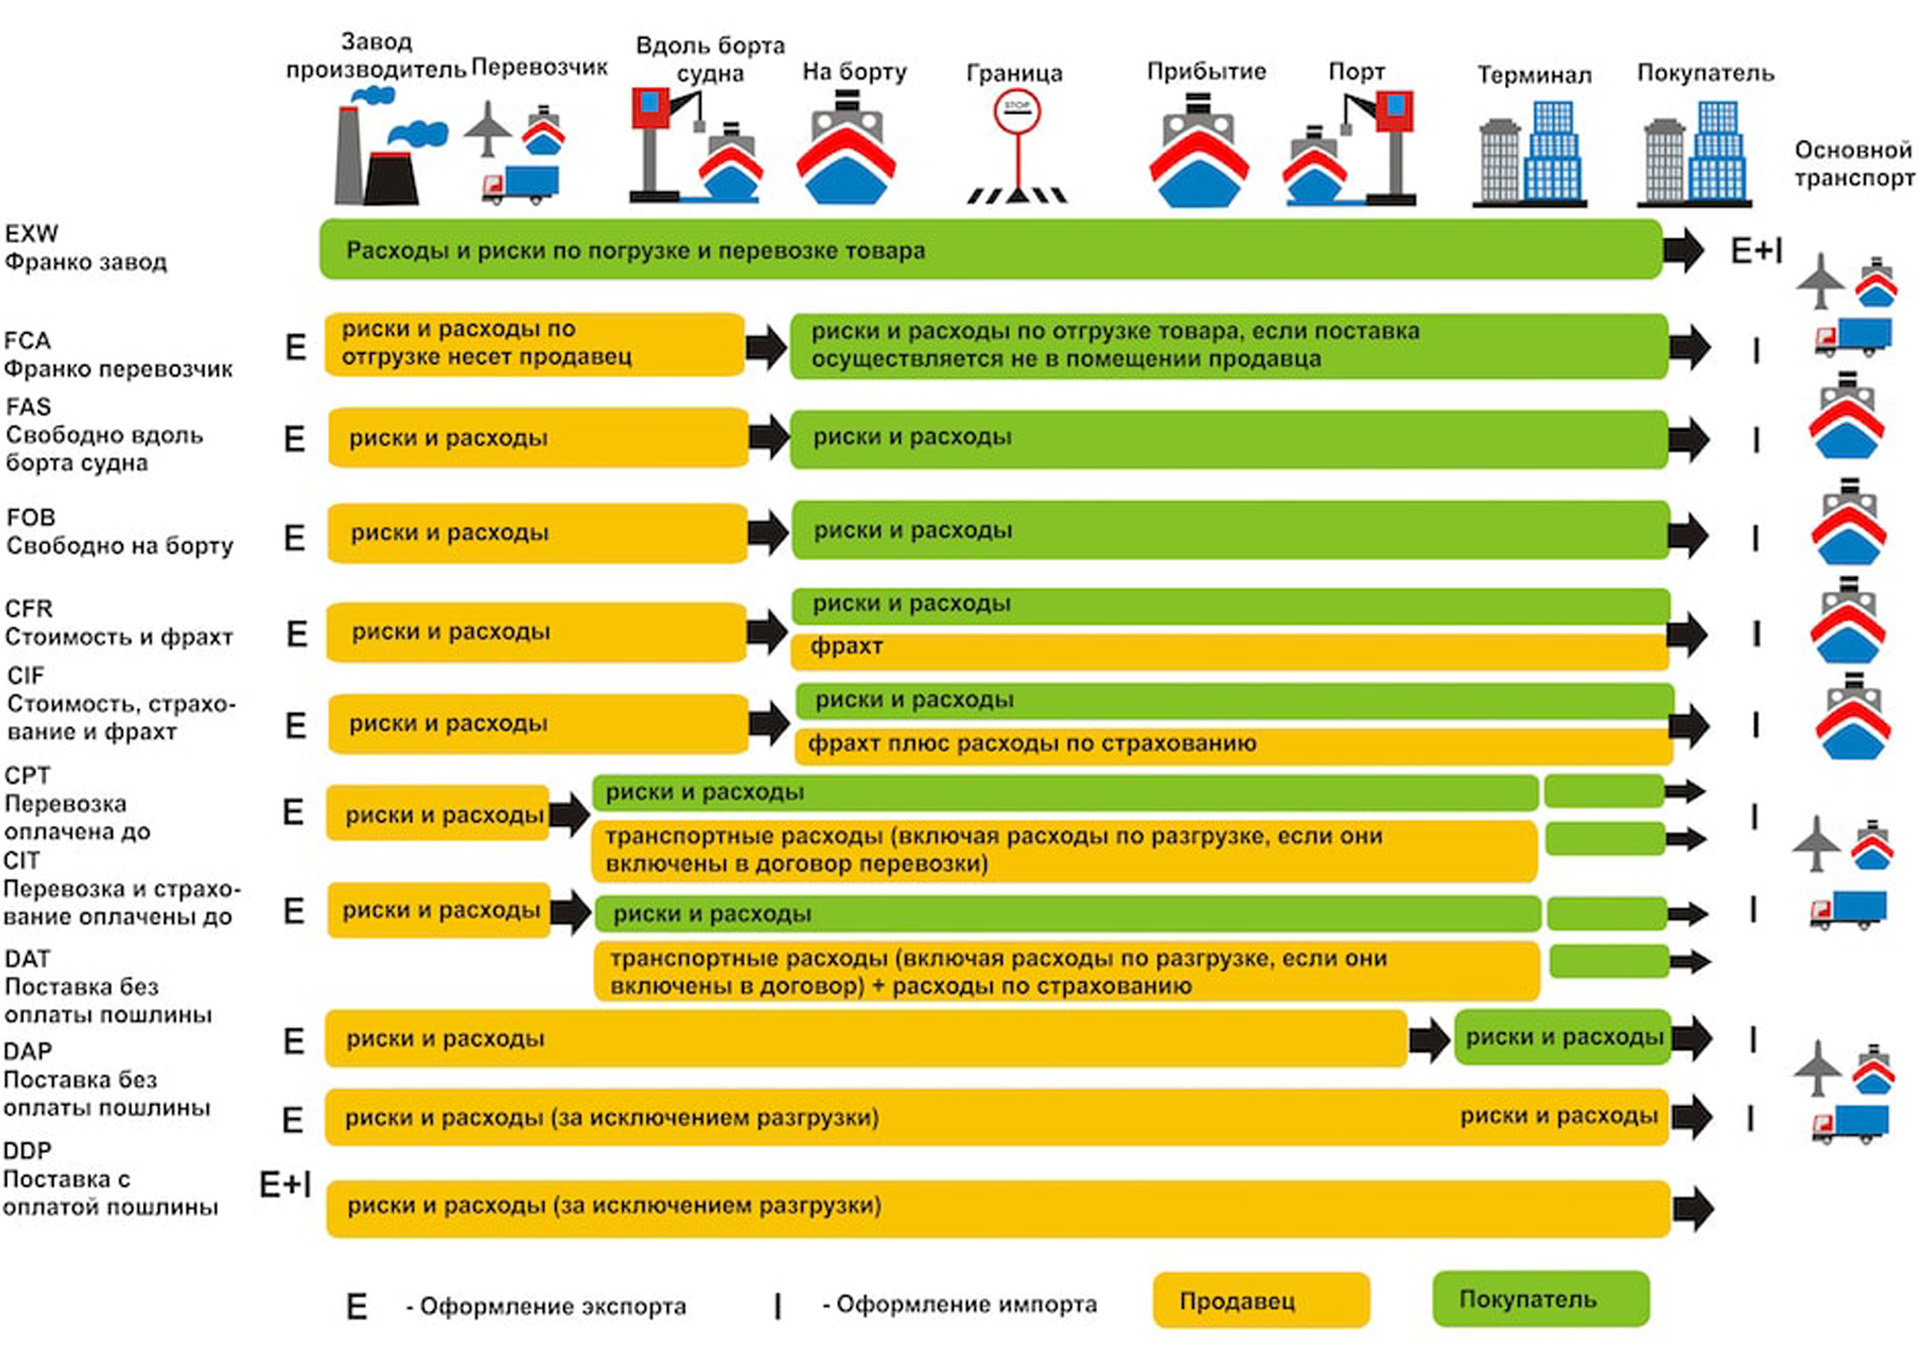 Таблица инкотермс 2010, отличия exw fca fas fob cfr cif cip cpt dat dap ddp